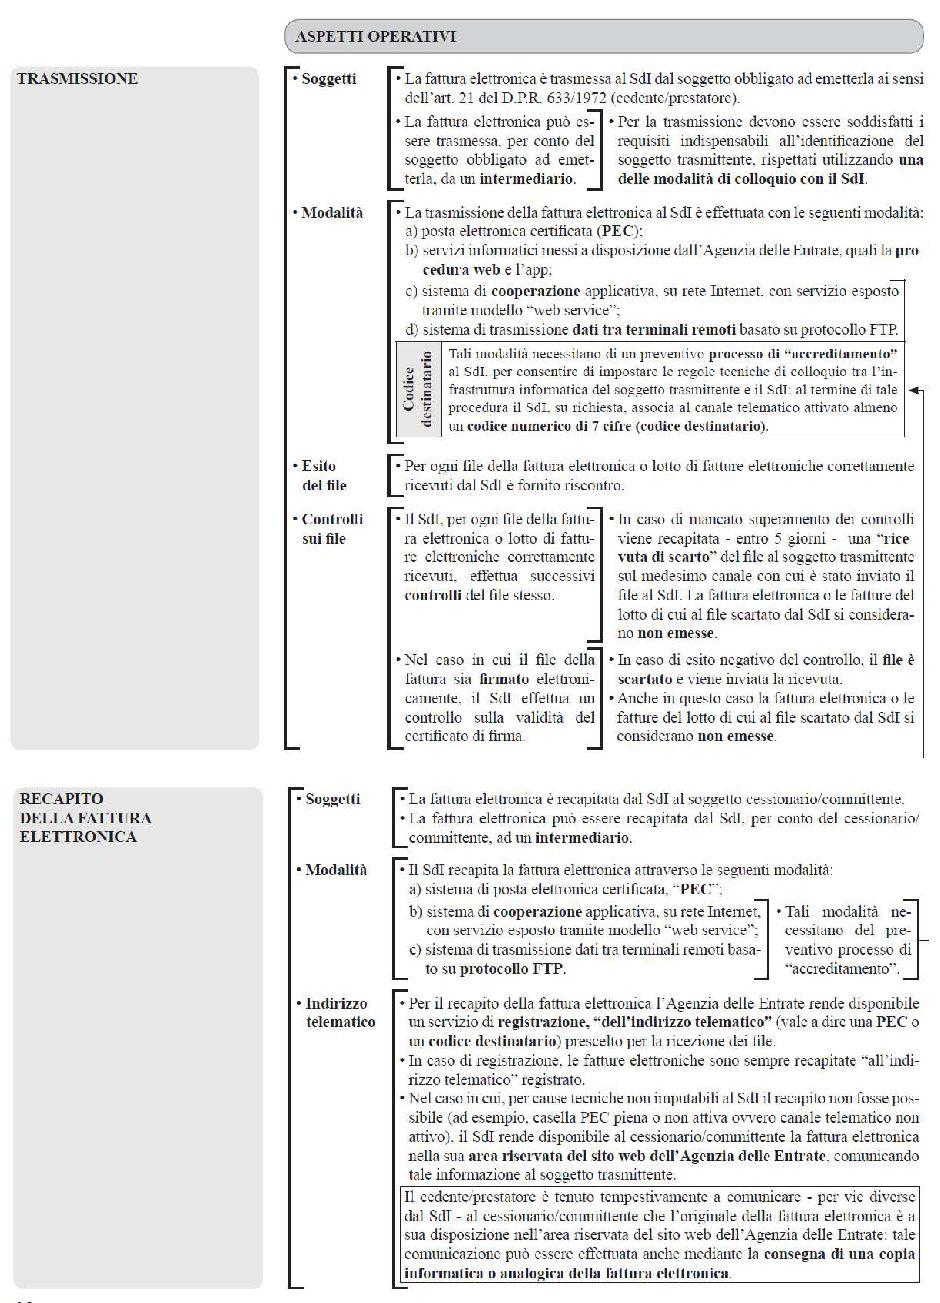 fatturazione elettronica aspetti operativi - trasmissione